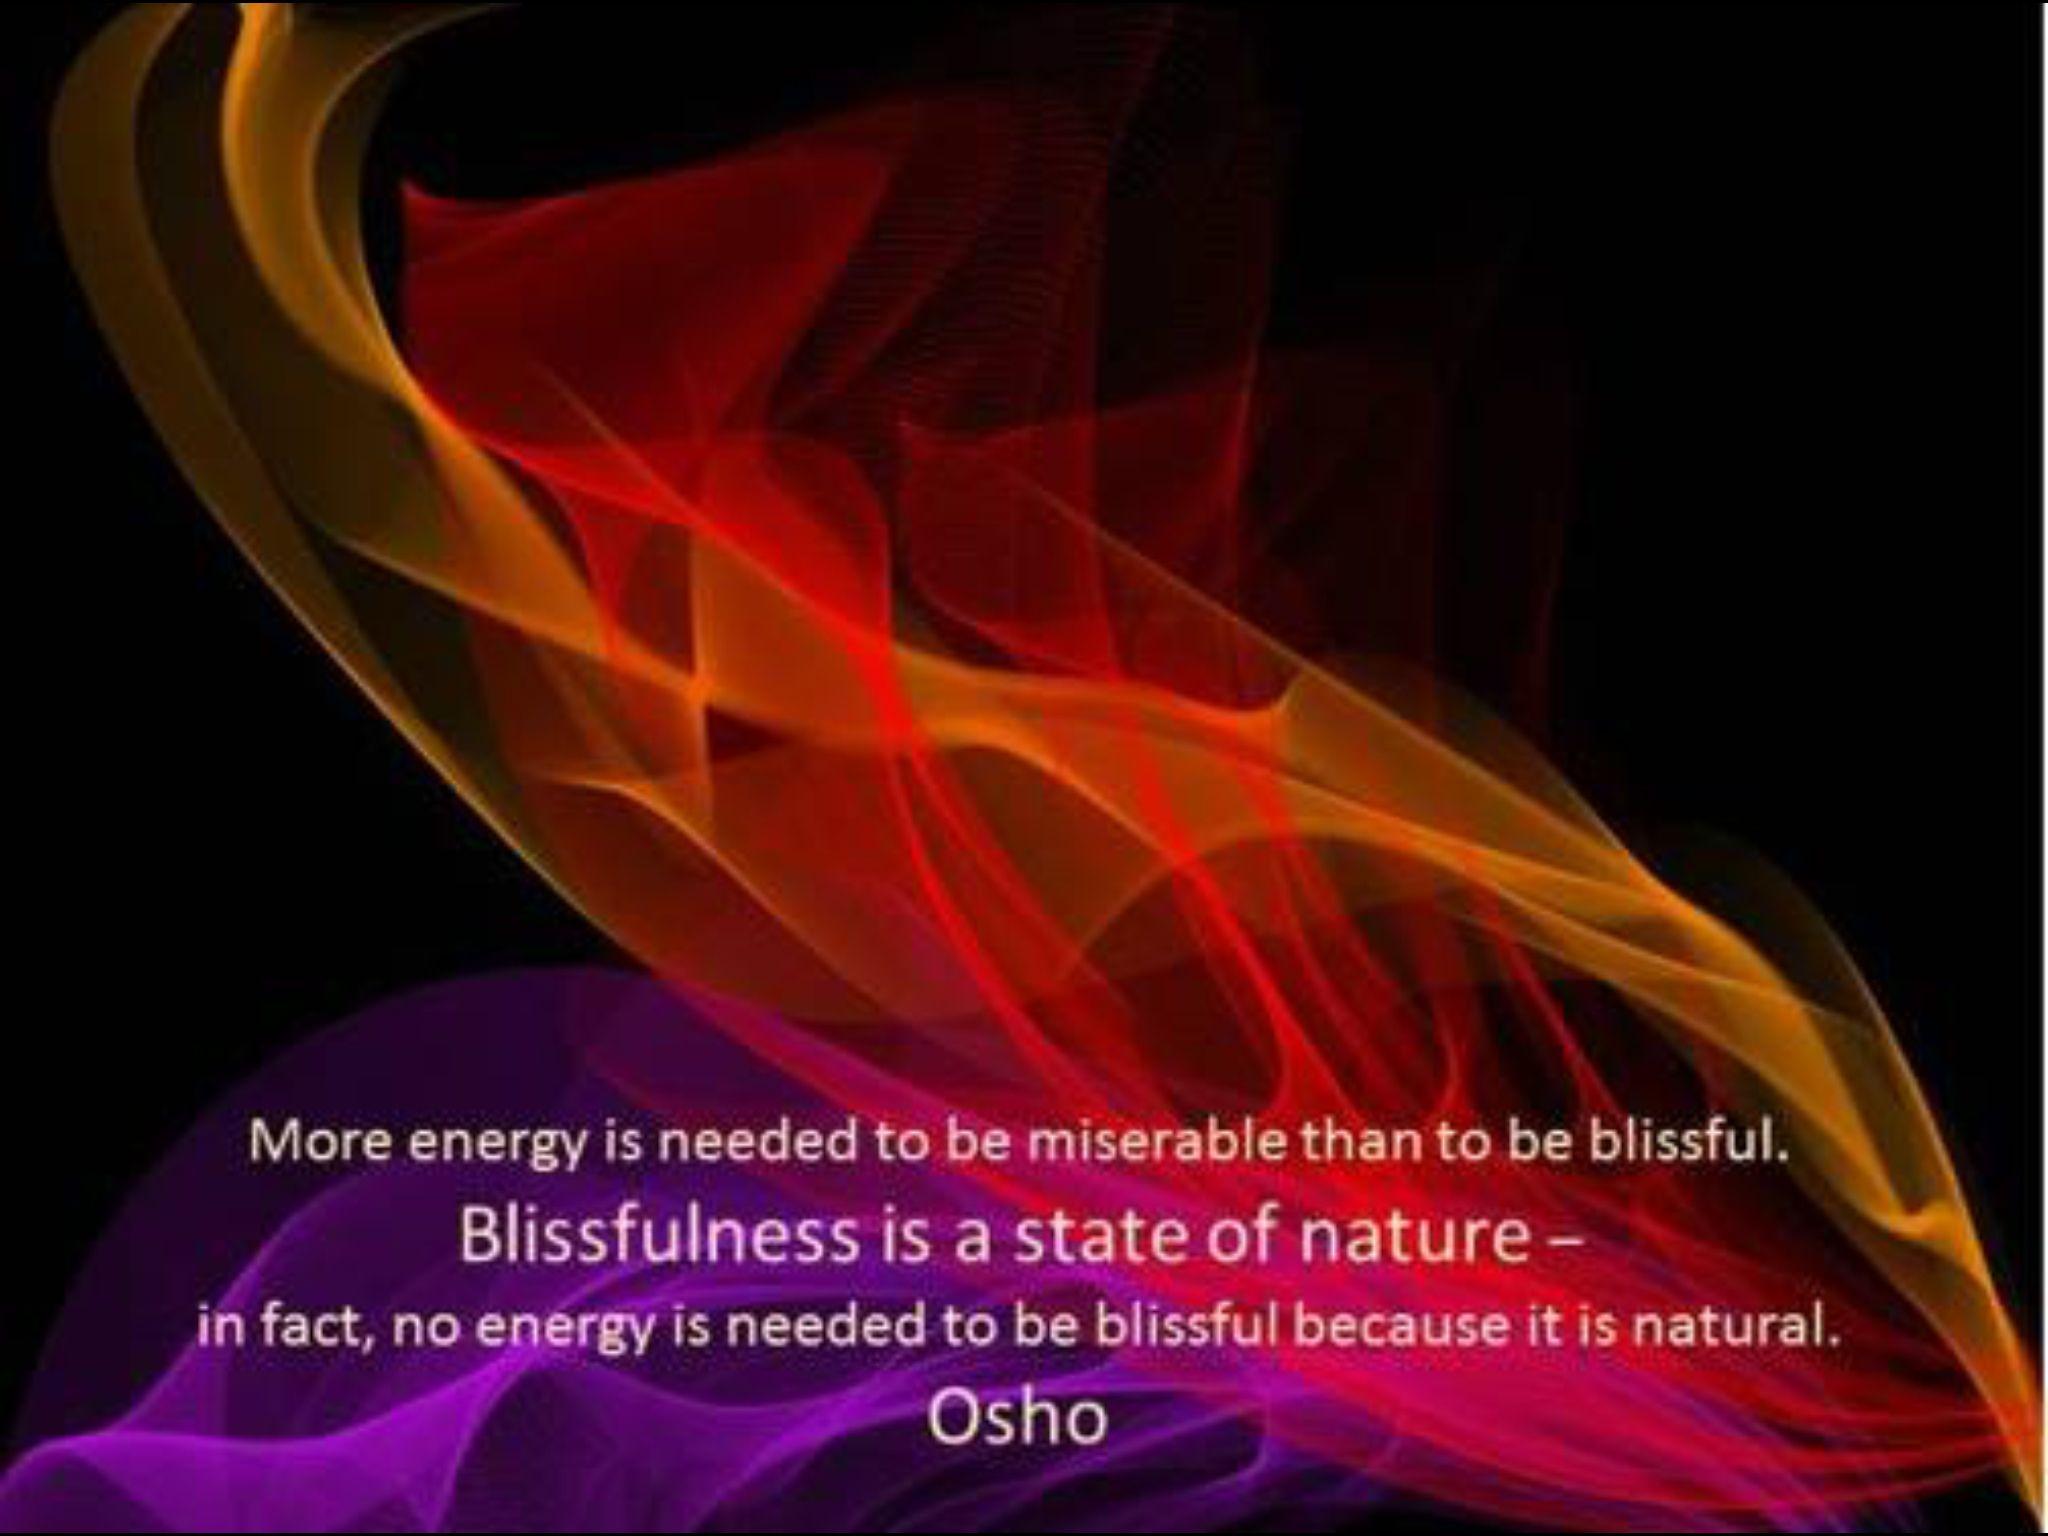 Osho. Wisdom | Osho, Facebook cover photos, Inspirational ...